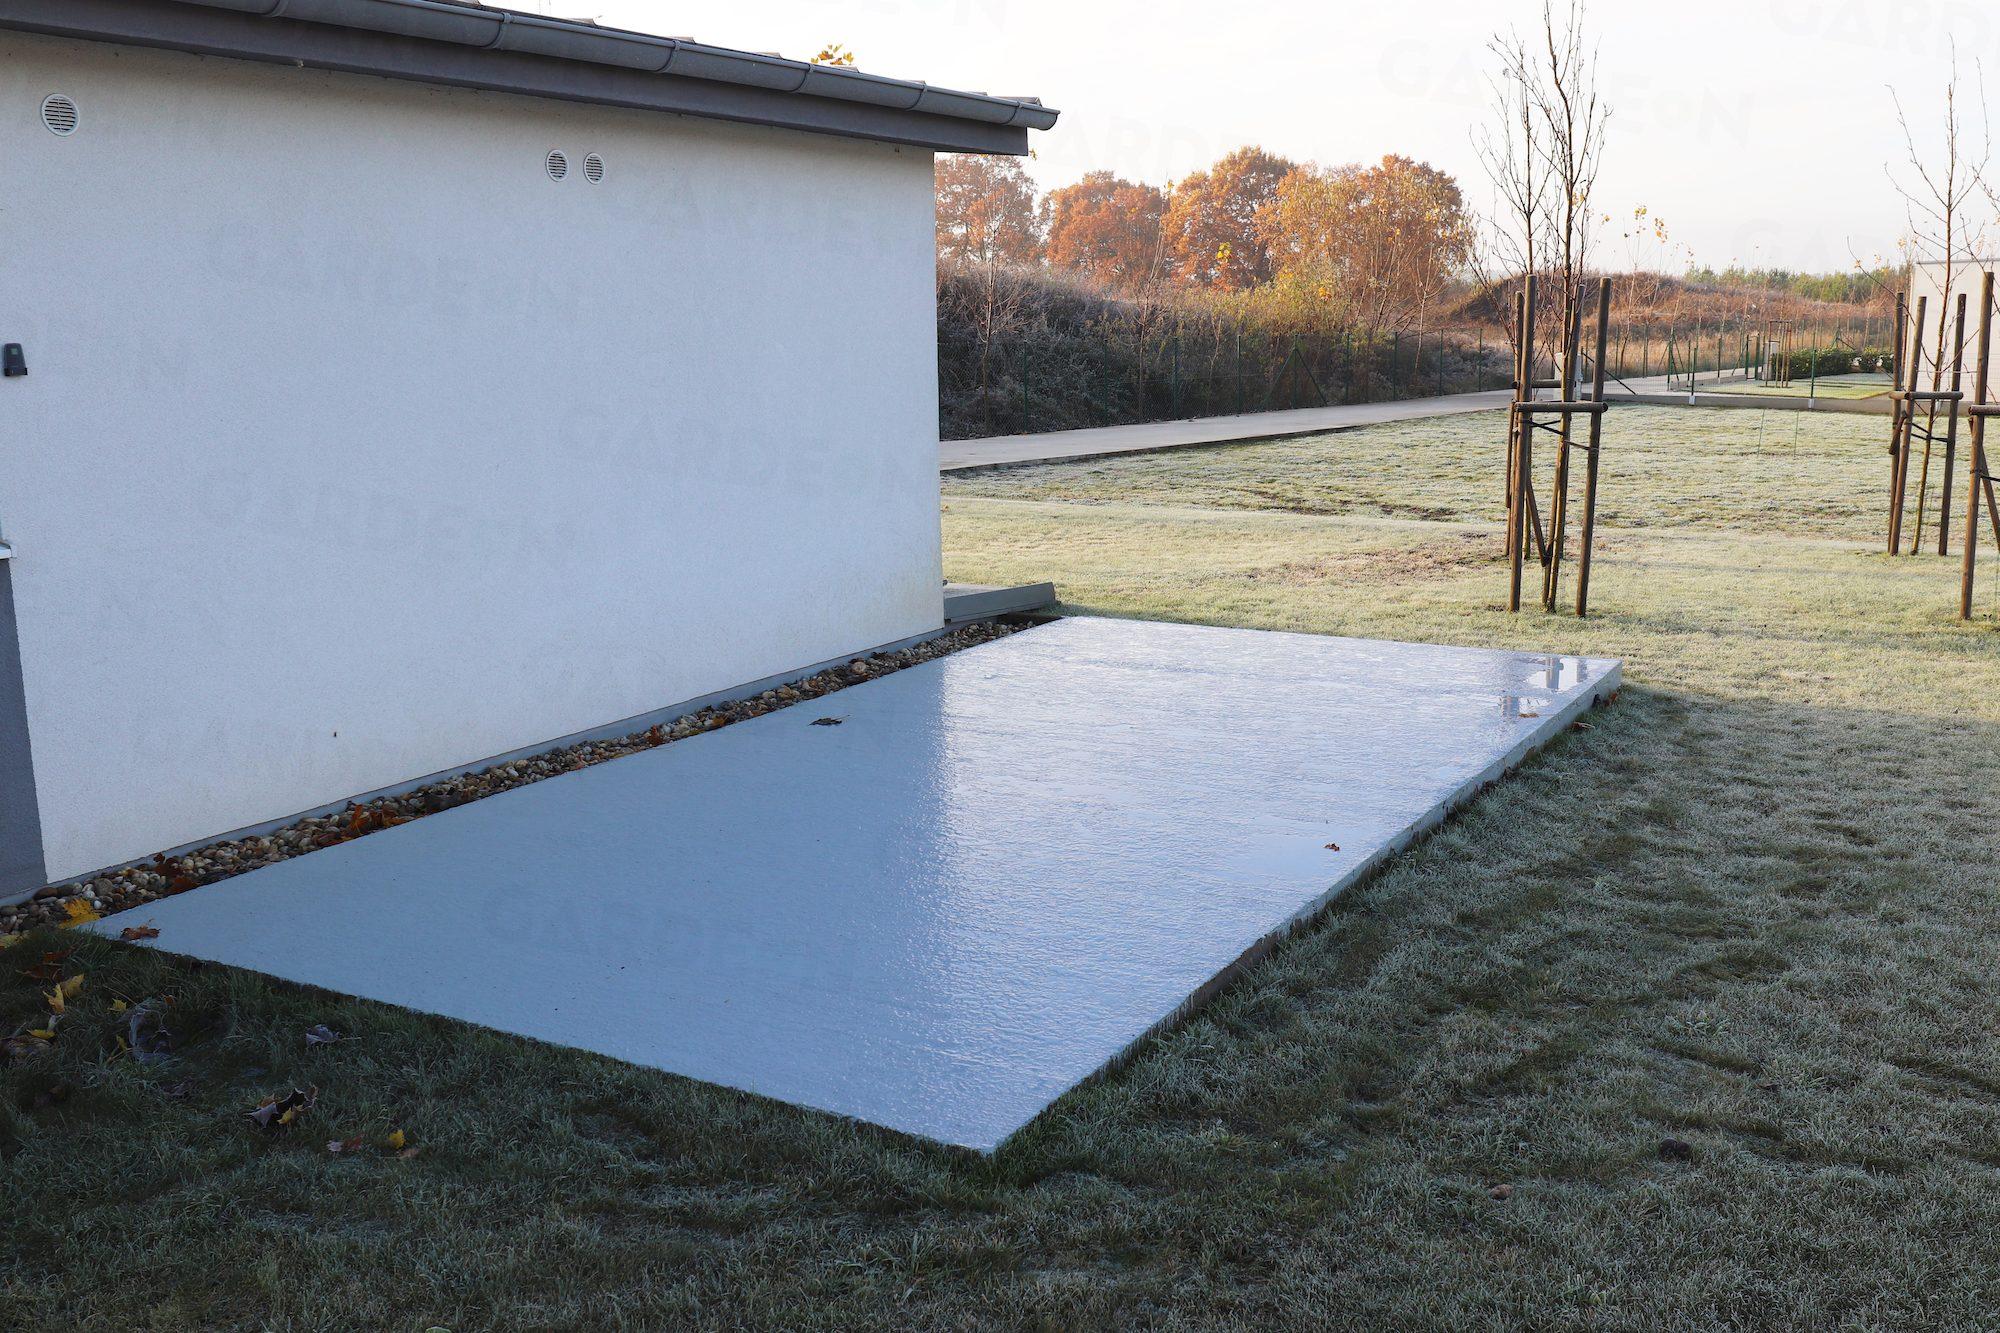 Das Fundament für die Montage eines Bauwerkes von GARDEON